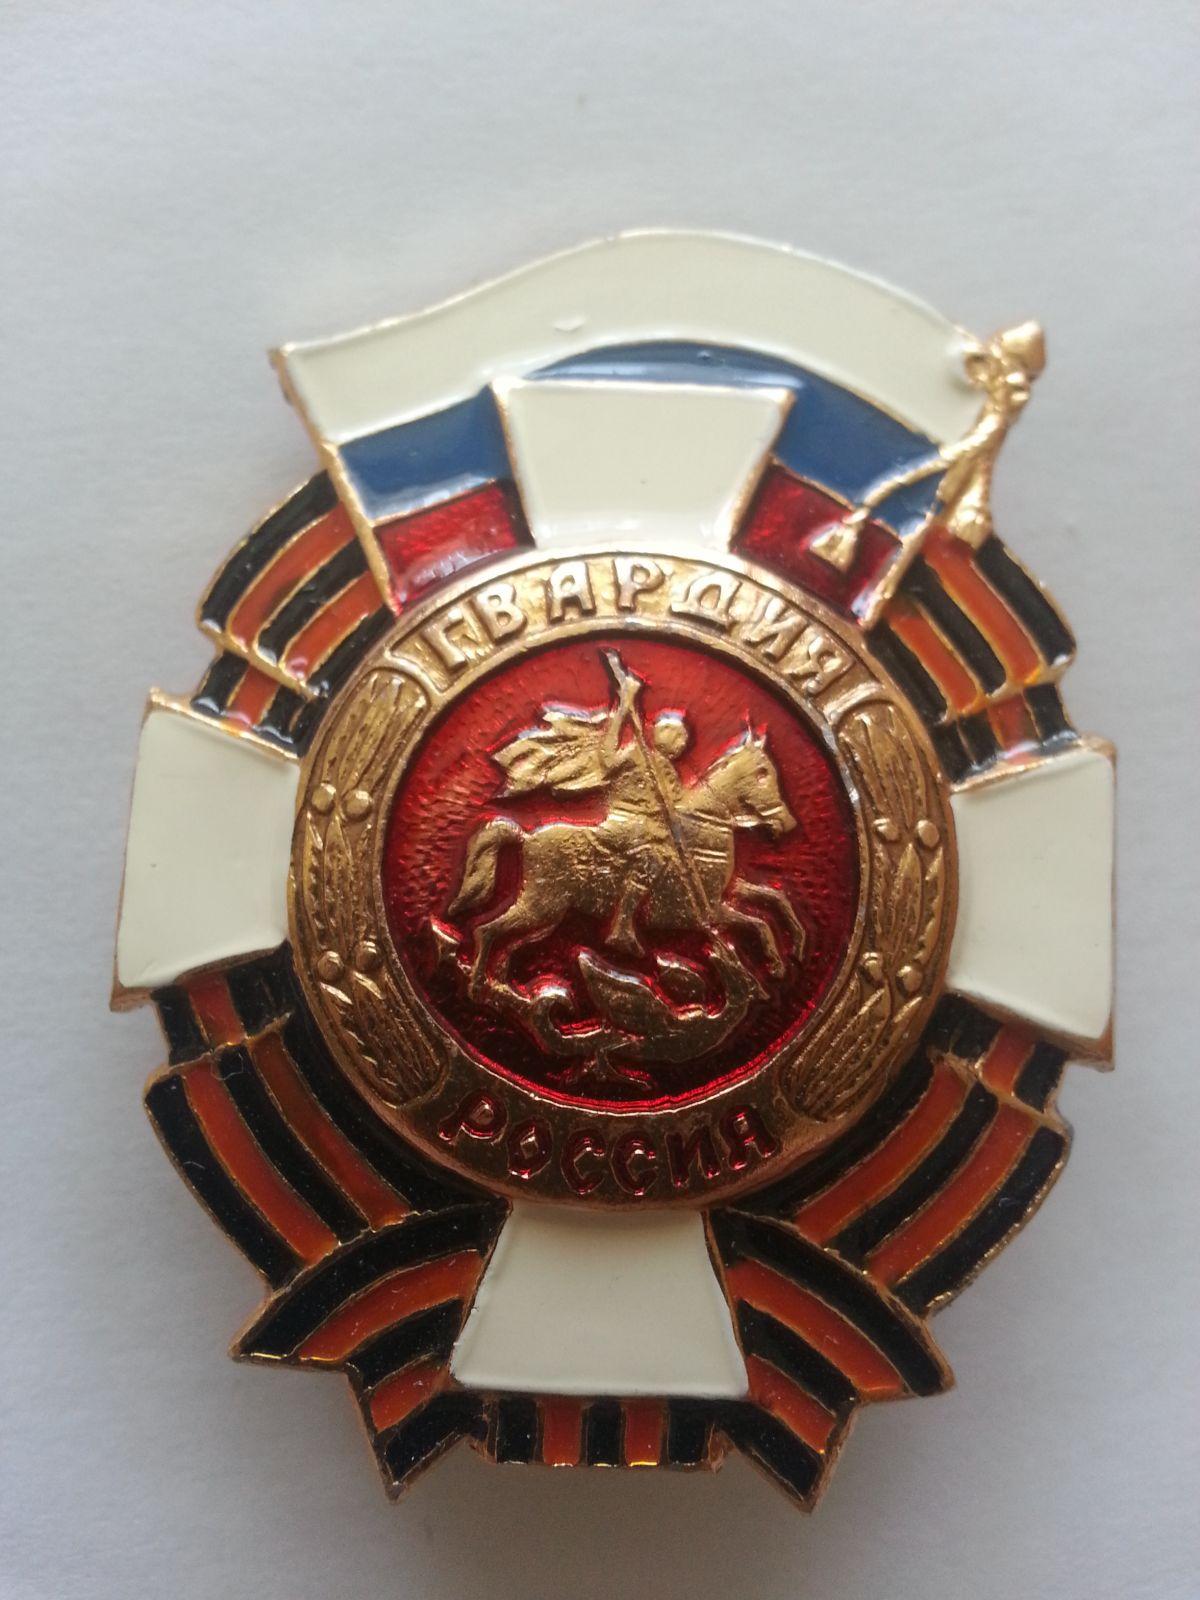 věrni odkazu sv. Jiří, Rusko